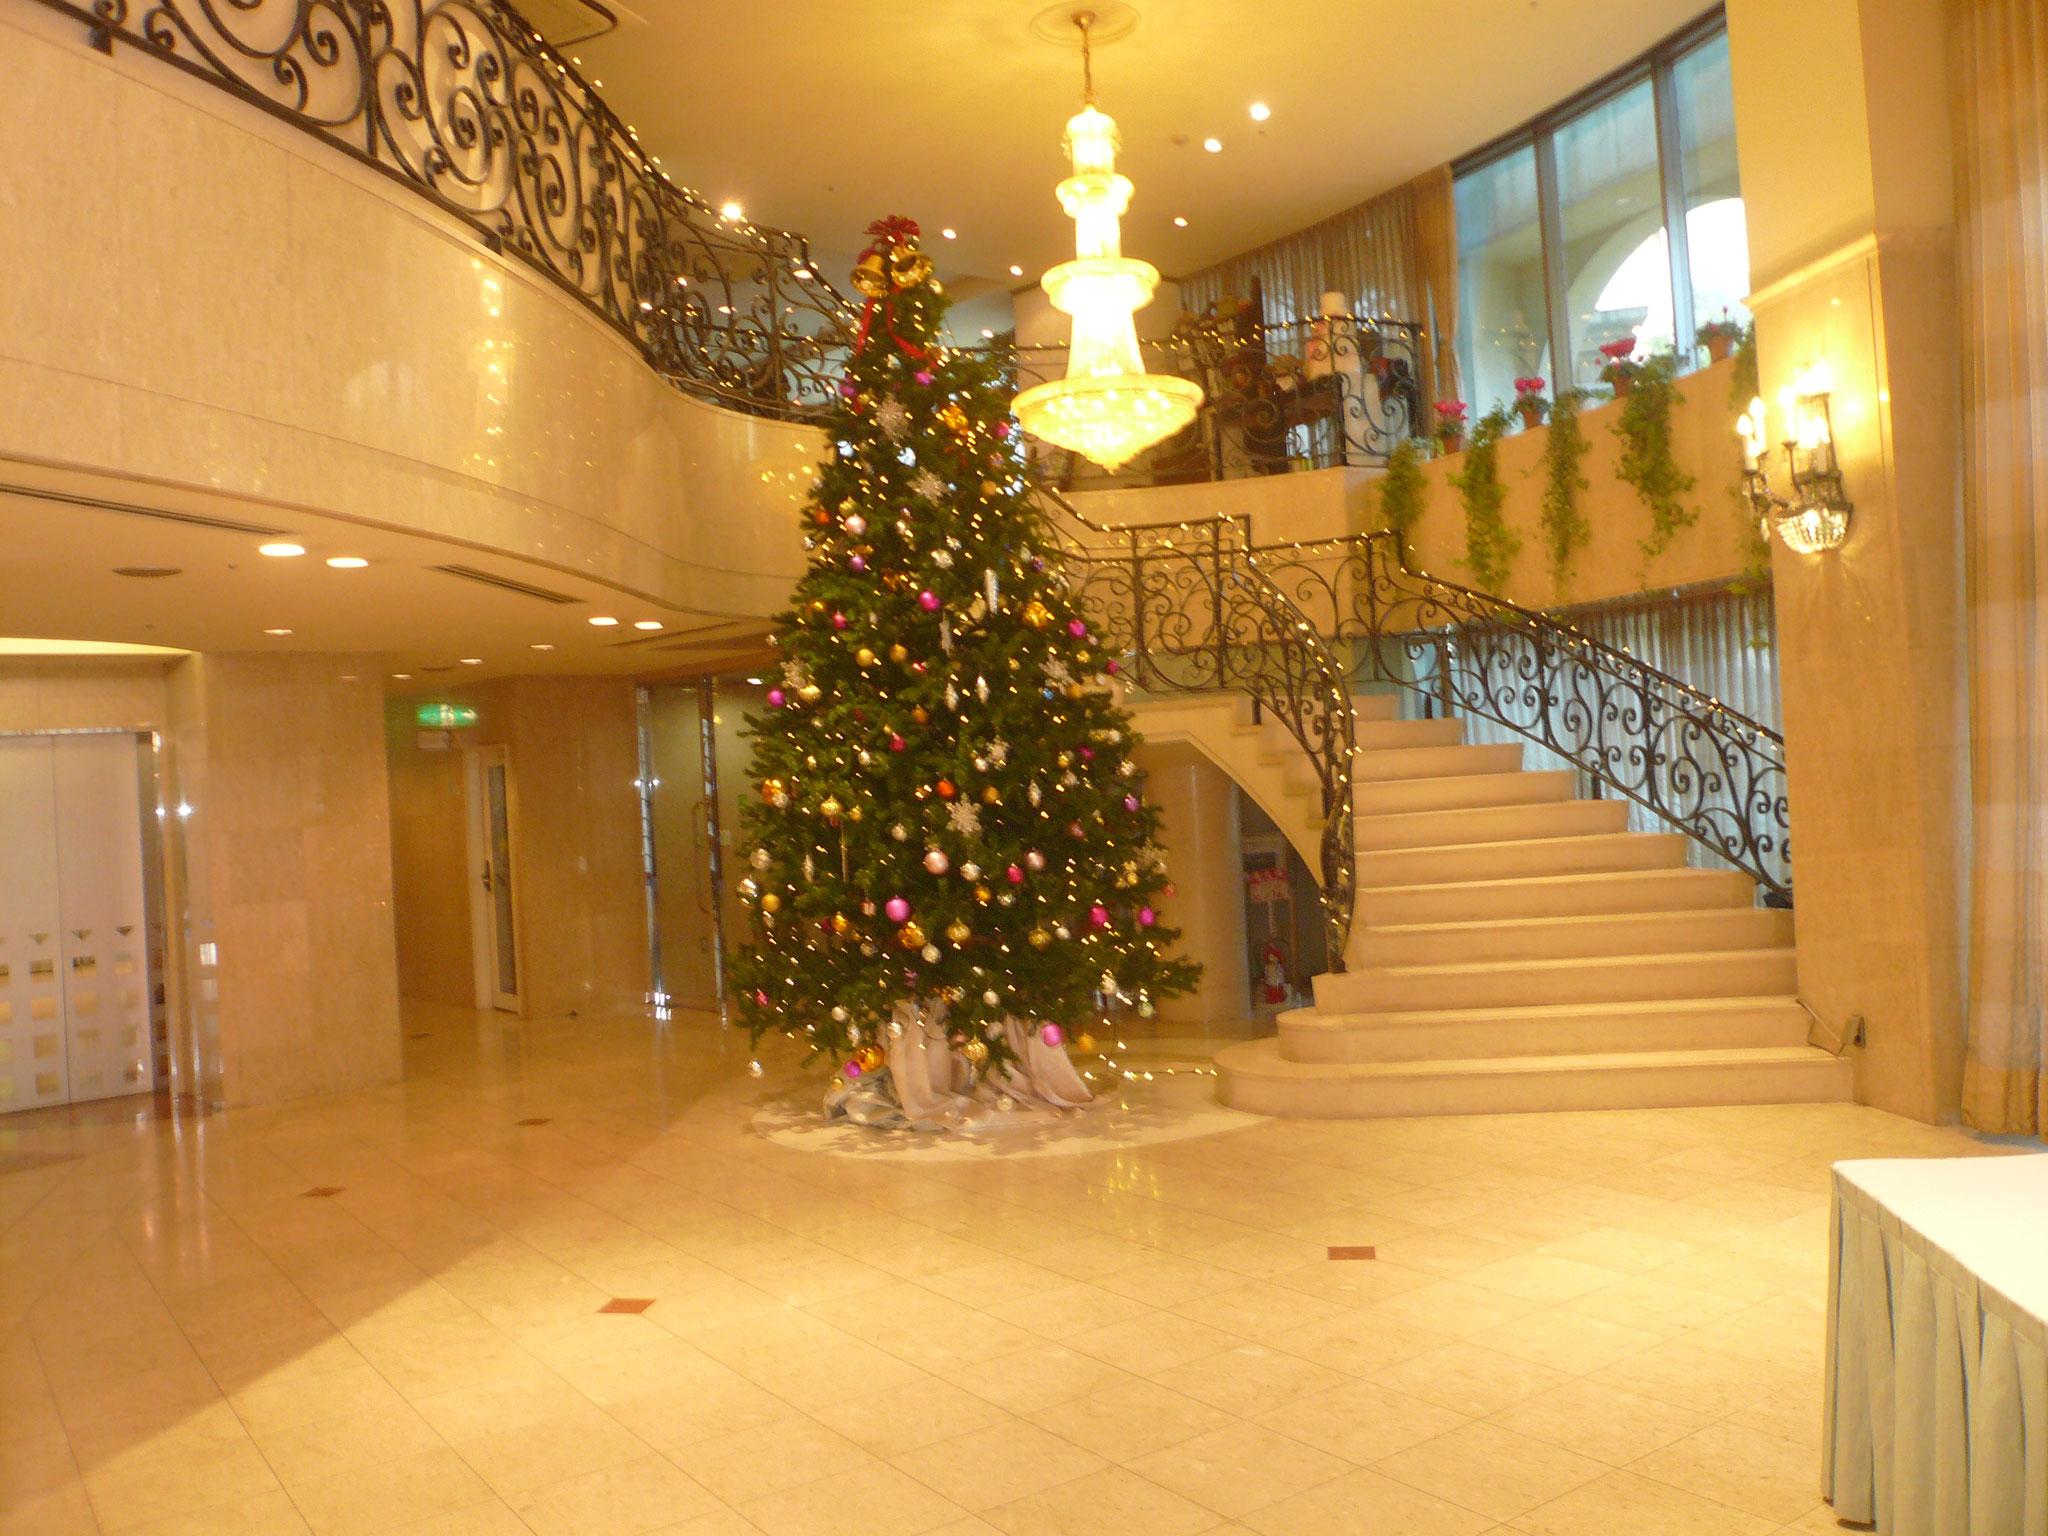 クリスマスツリーが迎えてくれる